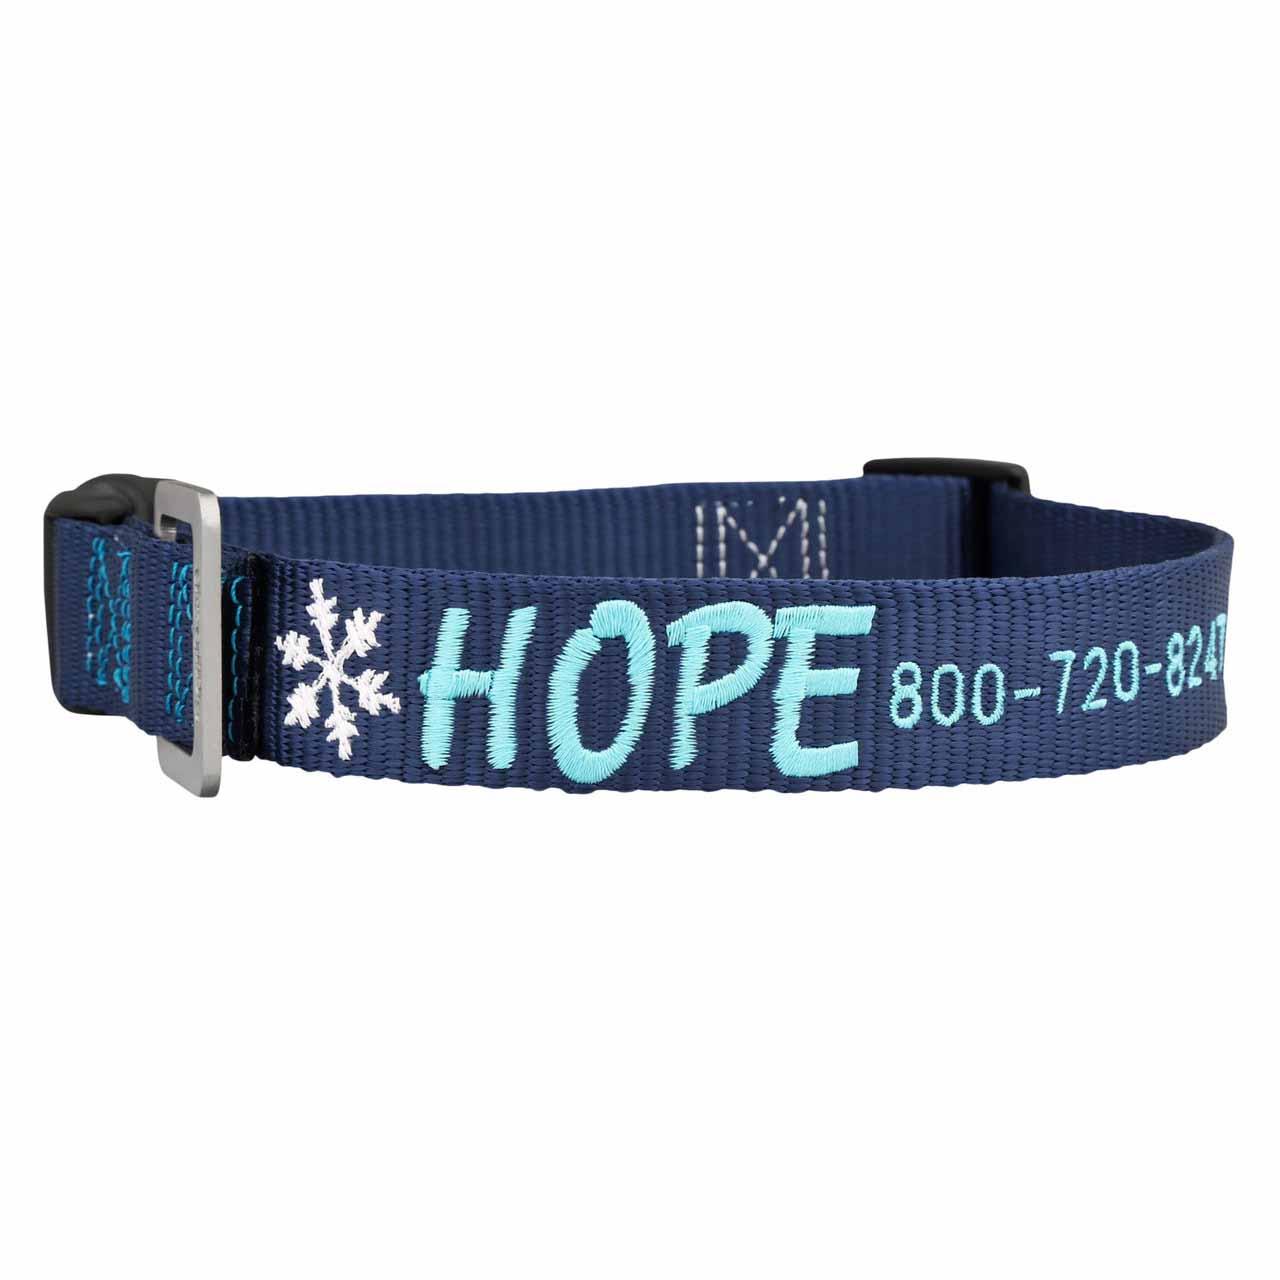 Custom Embroidered Christmas Dog Collars Navy Blue Snowflake